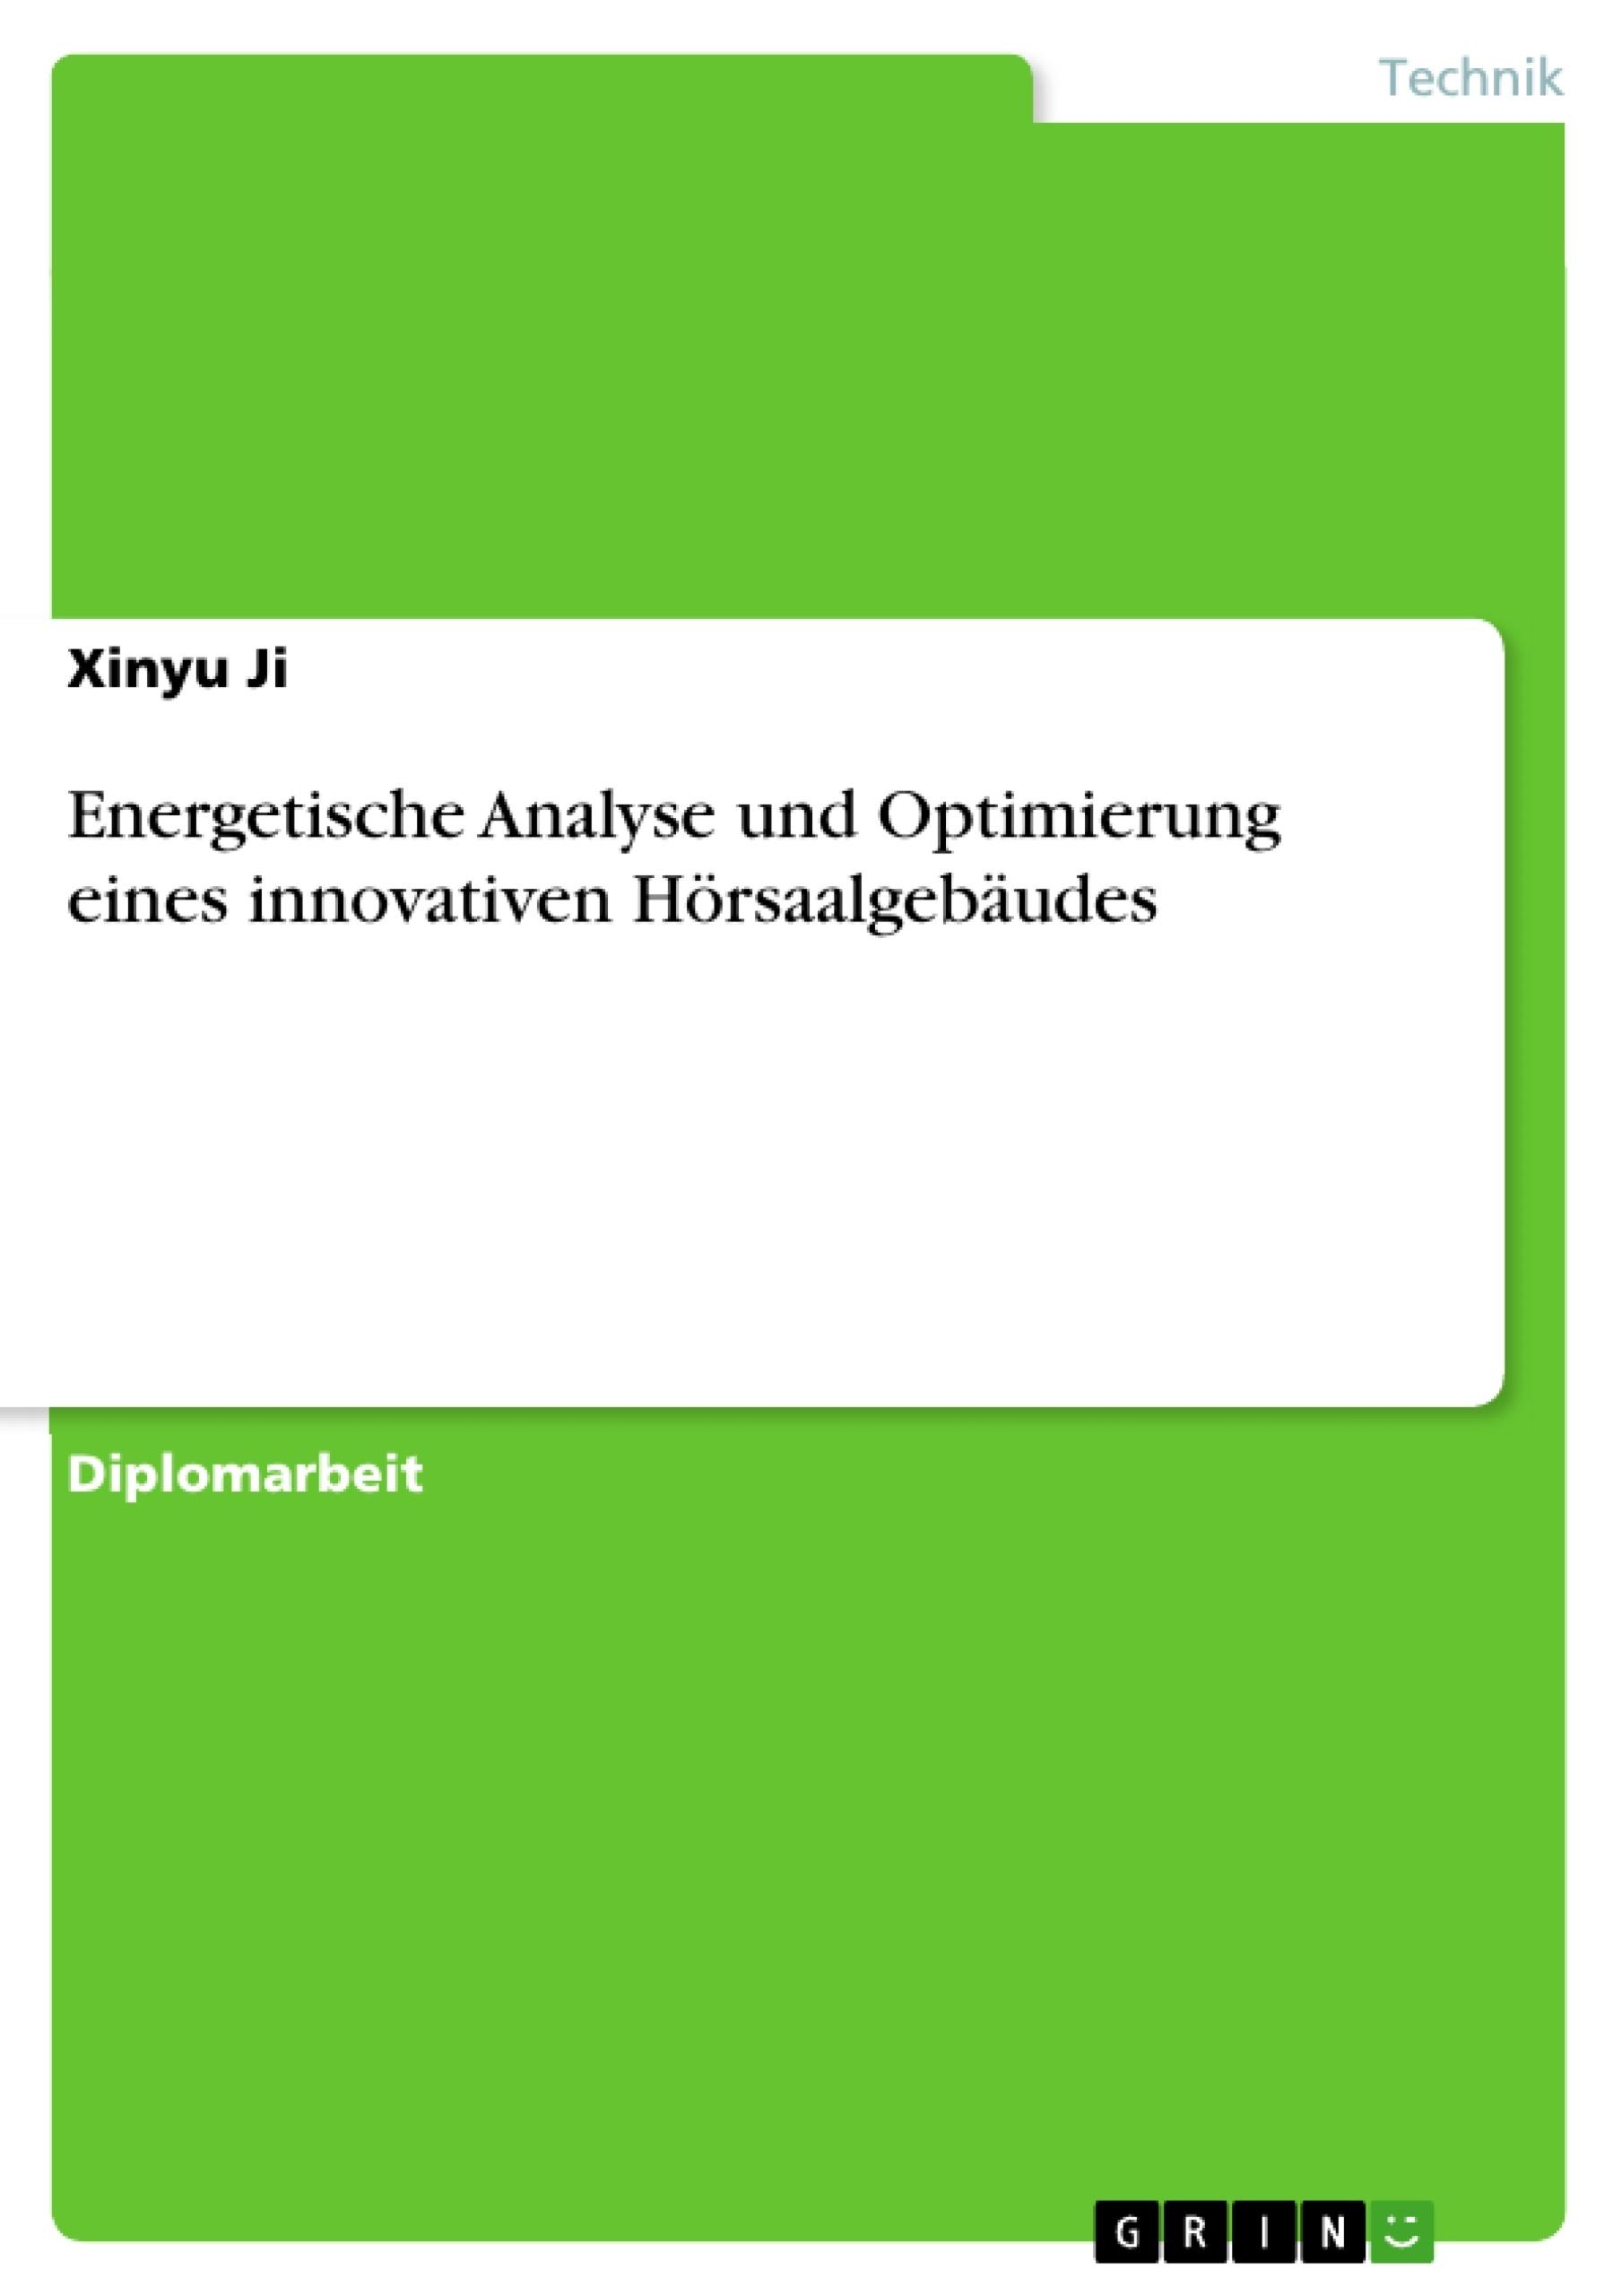 Titel: Energetische Analyse und Optimierung eines innovativen Hörsaalgebäudes